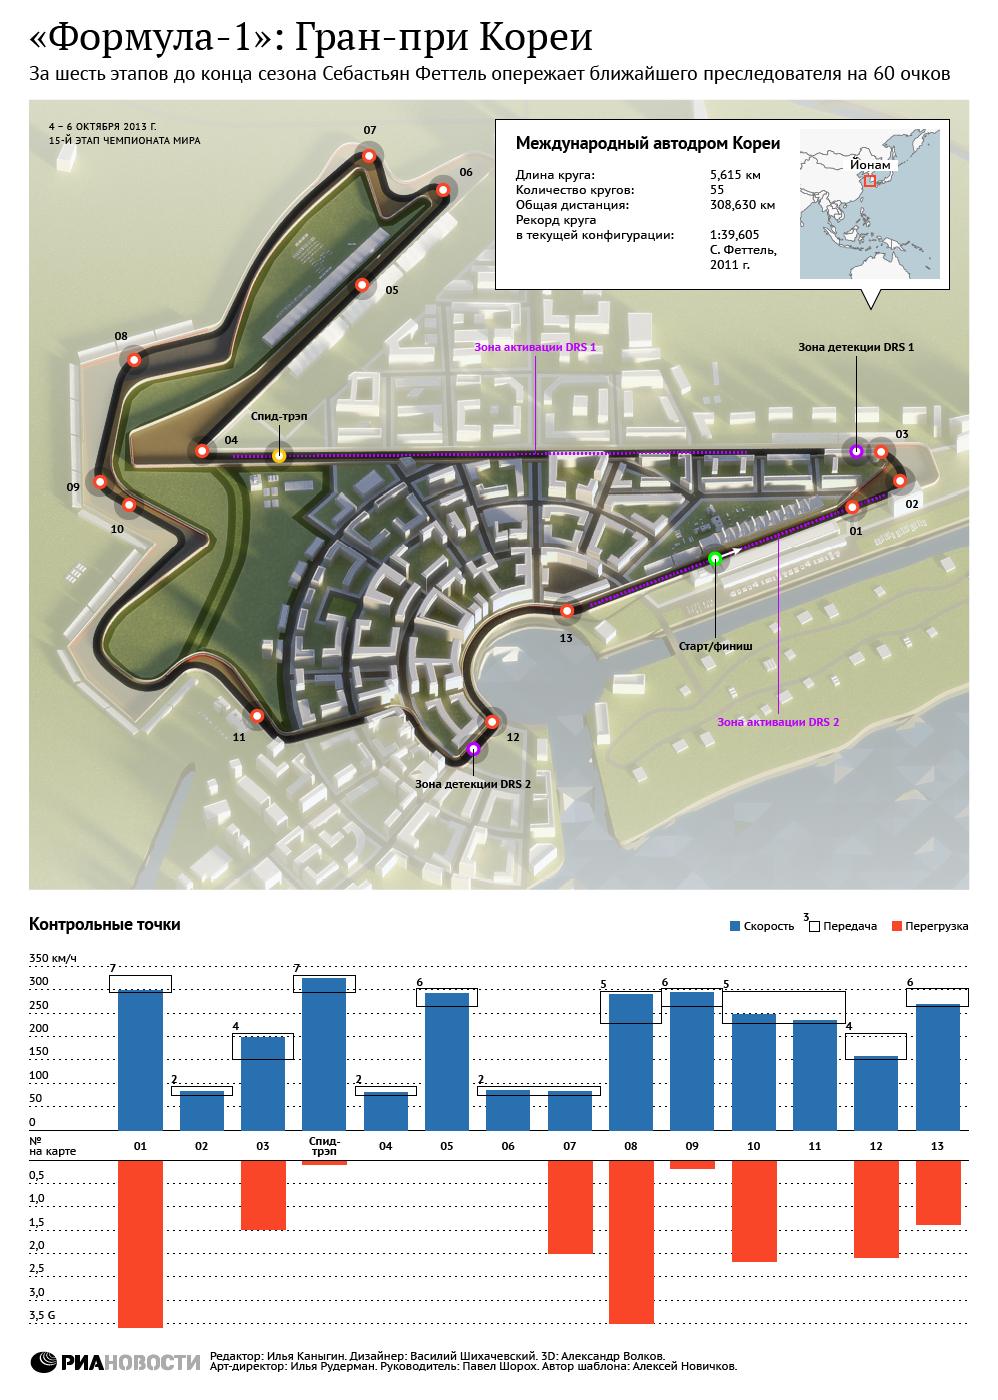 Формула-1: Гран-При Кореи